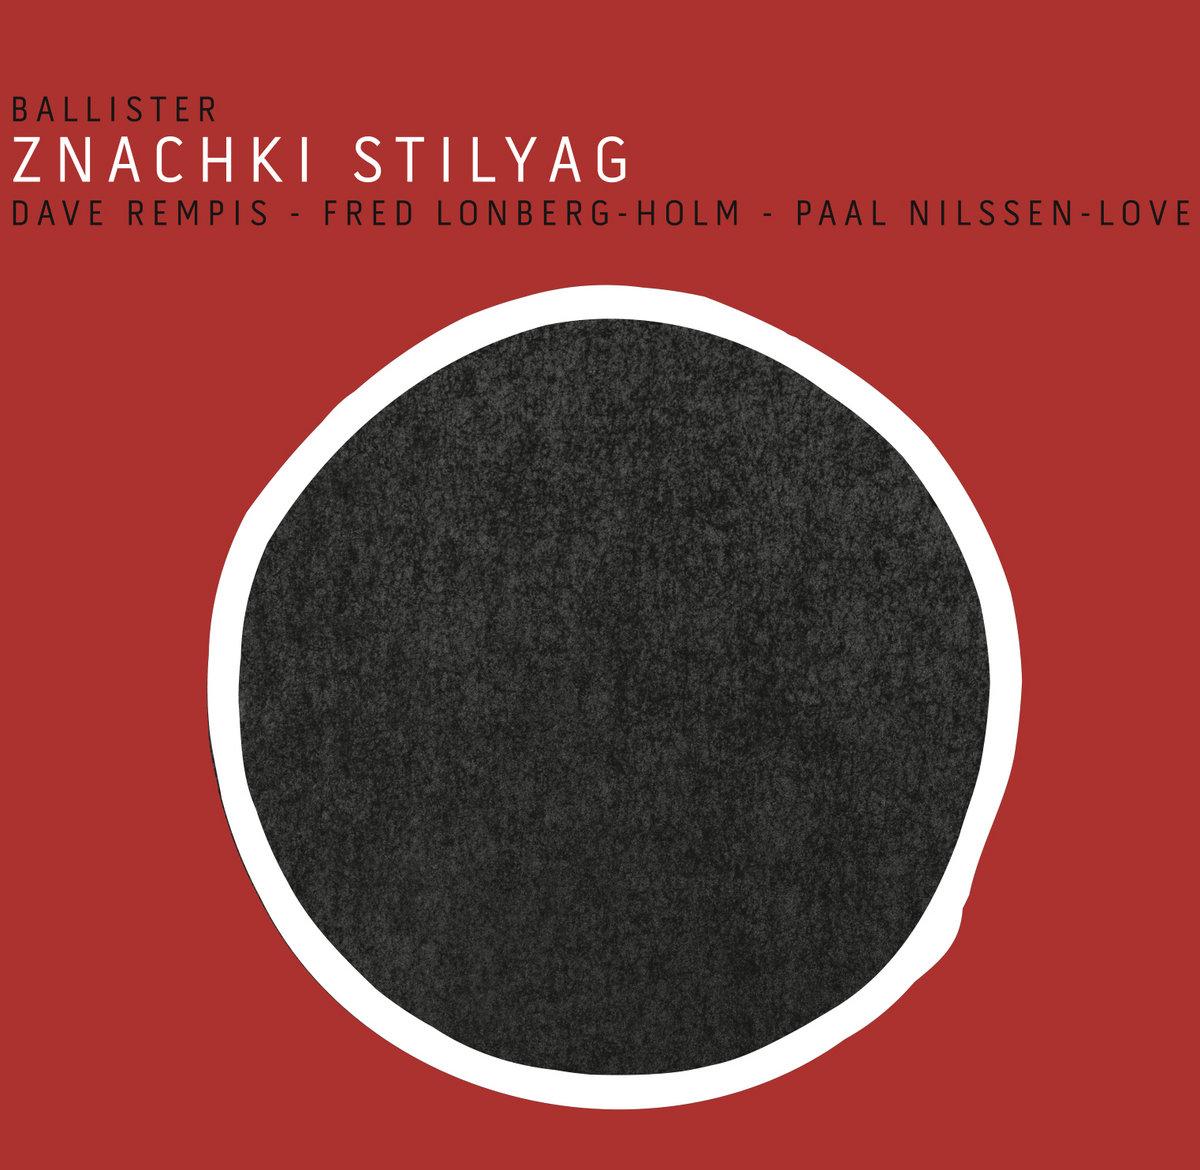 Review of Ballister: Znachki Stilyag